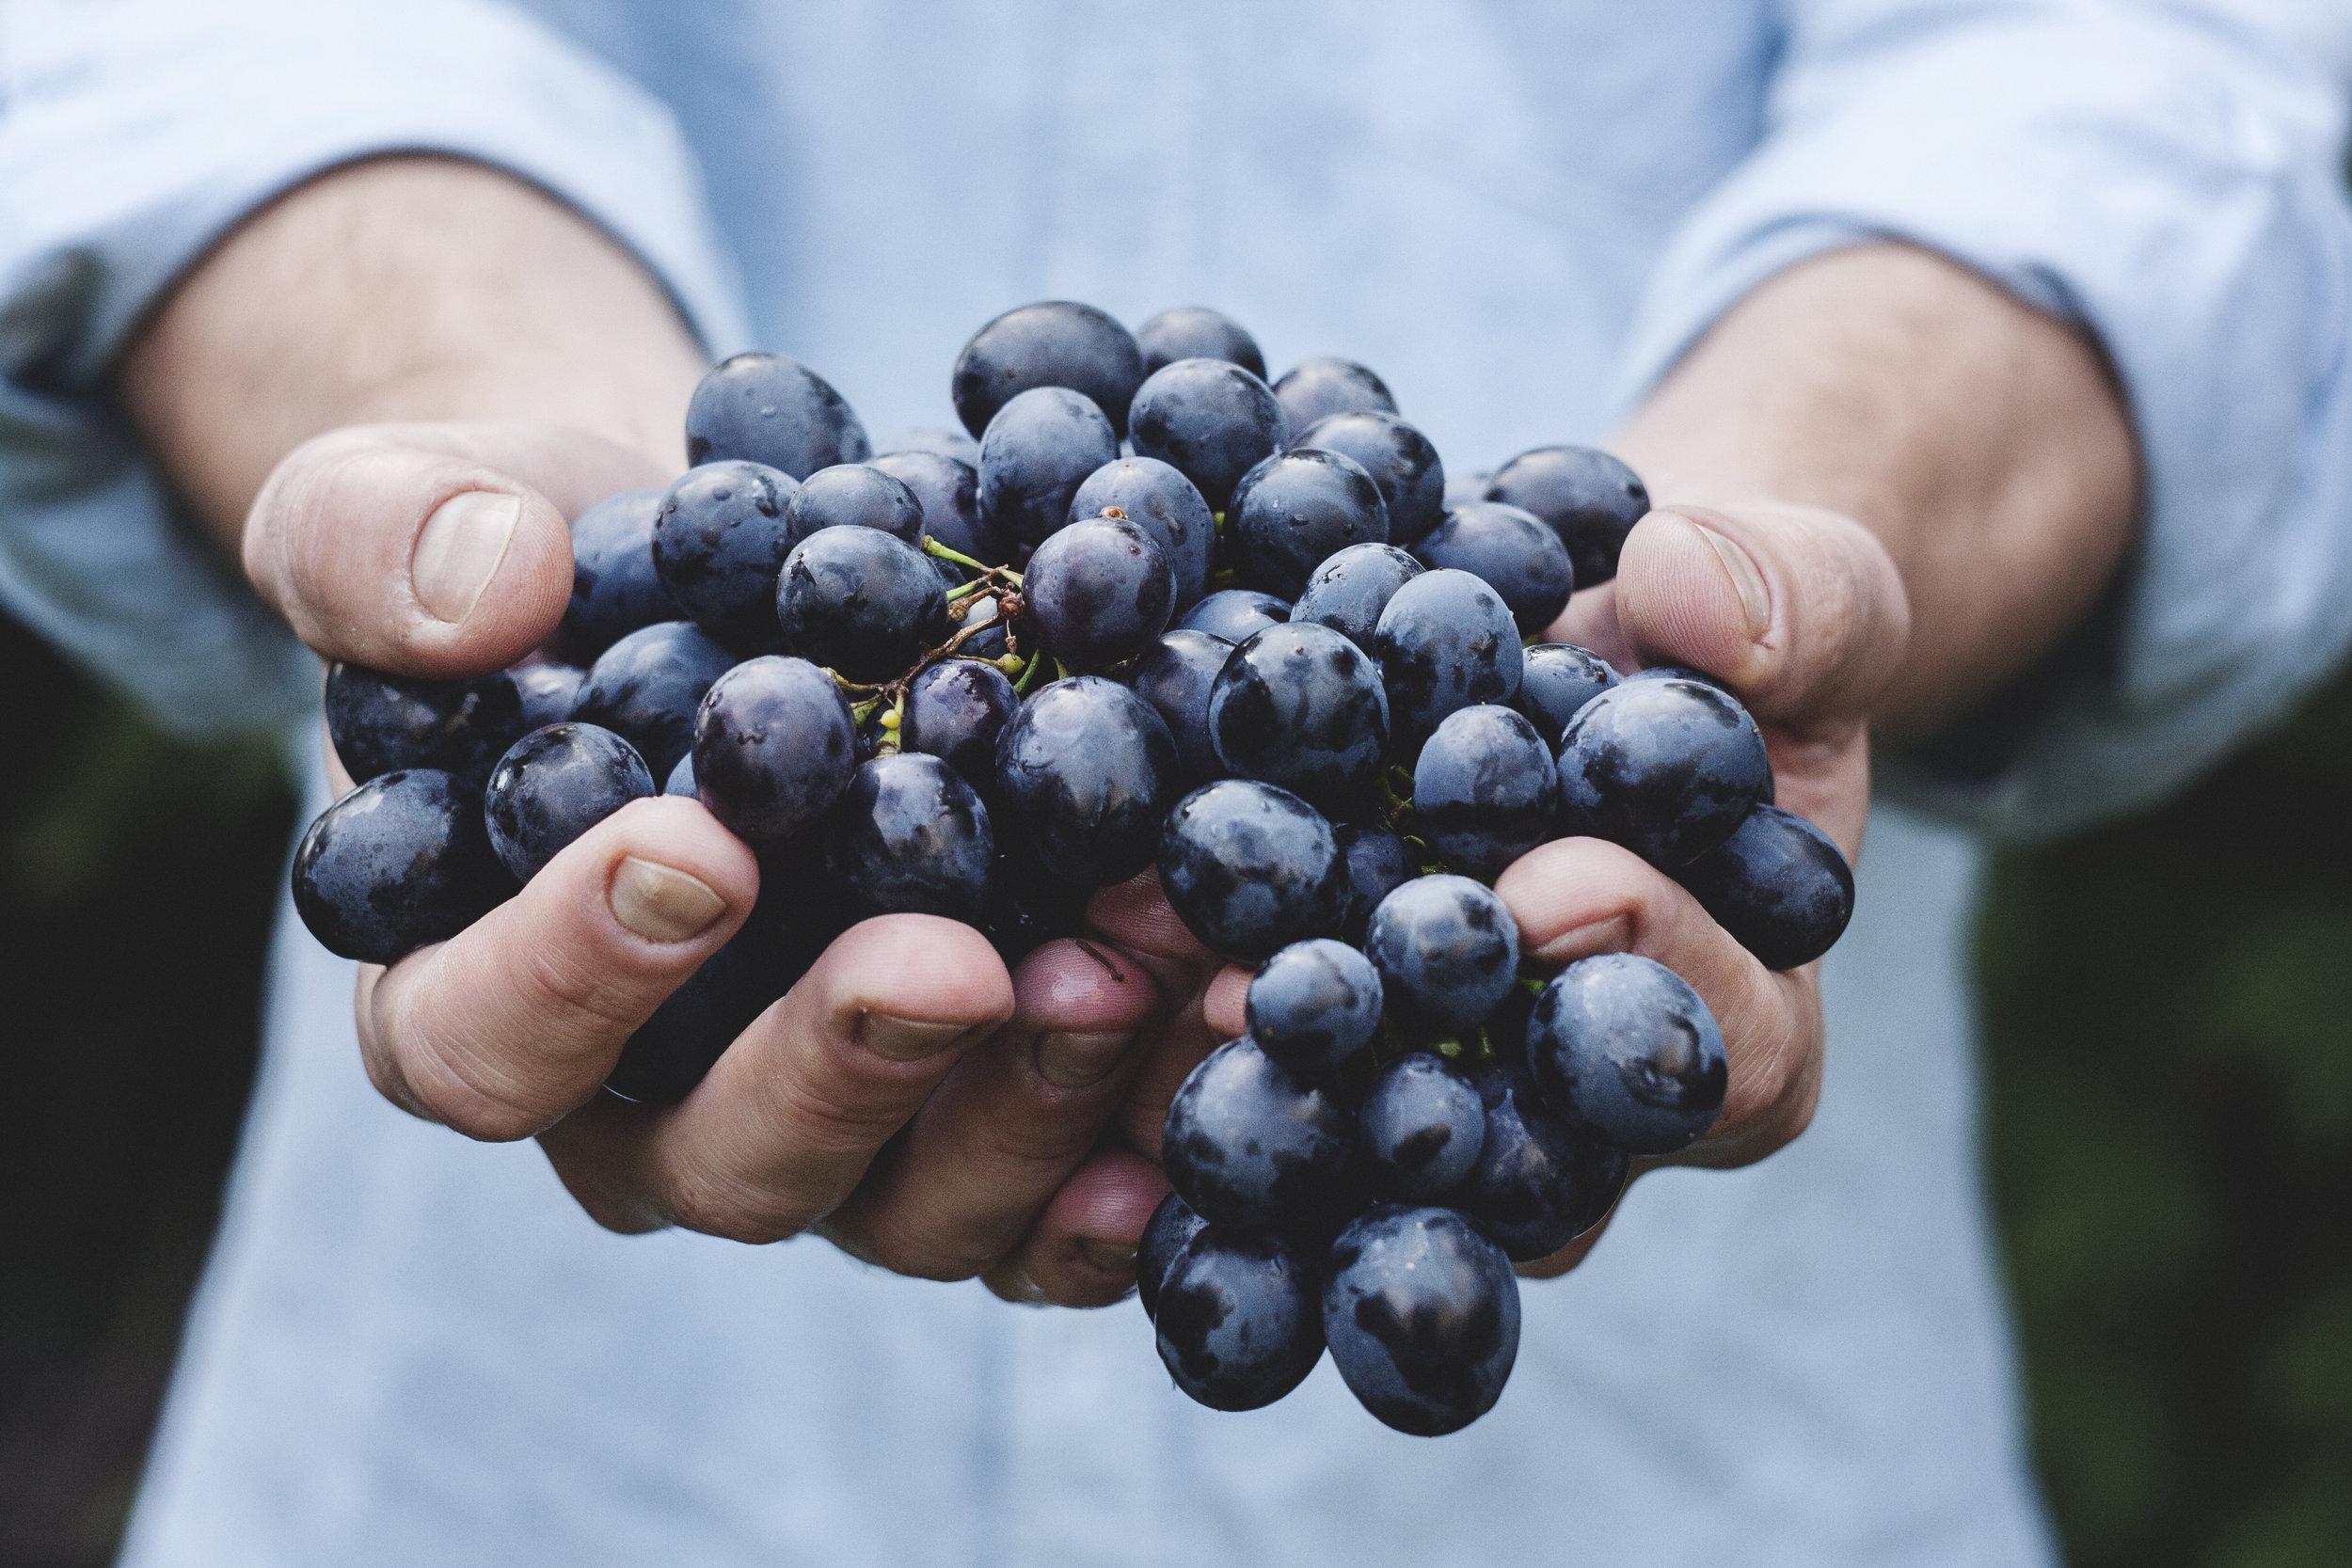 Maja-petric-hands-grapes-farmer-unsplash.jpeg